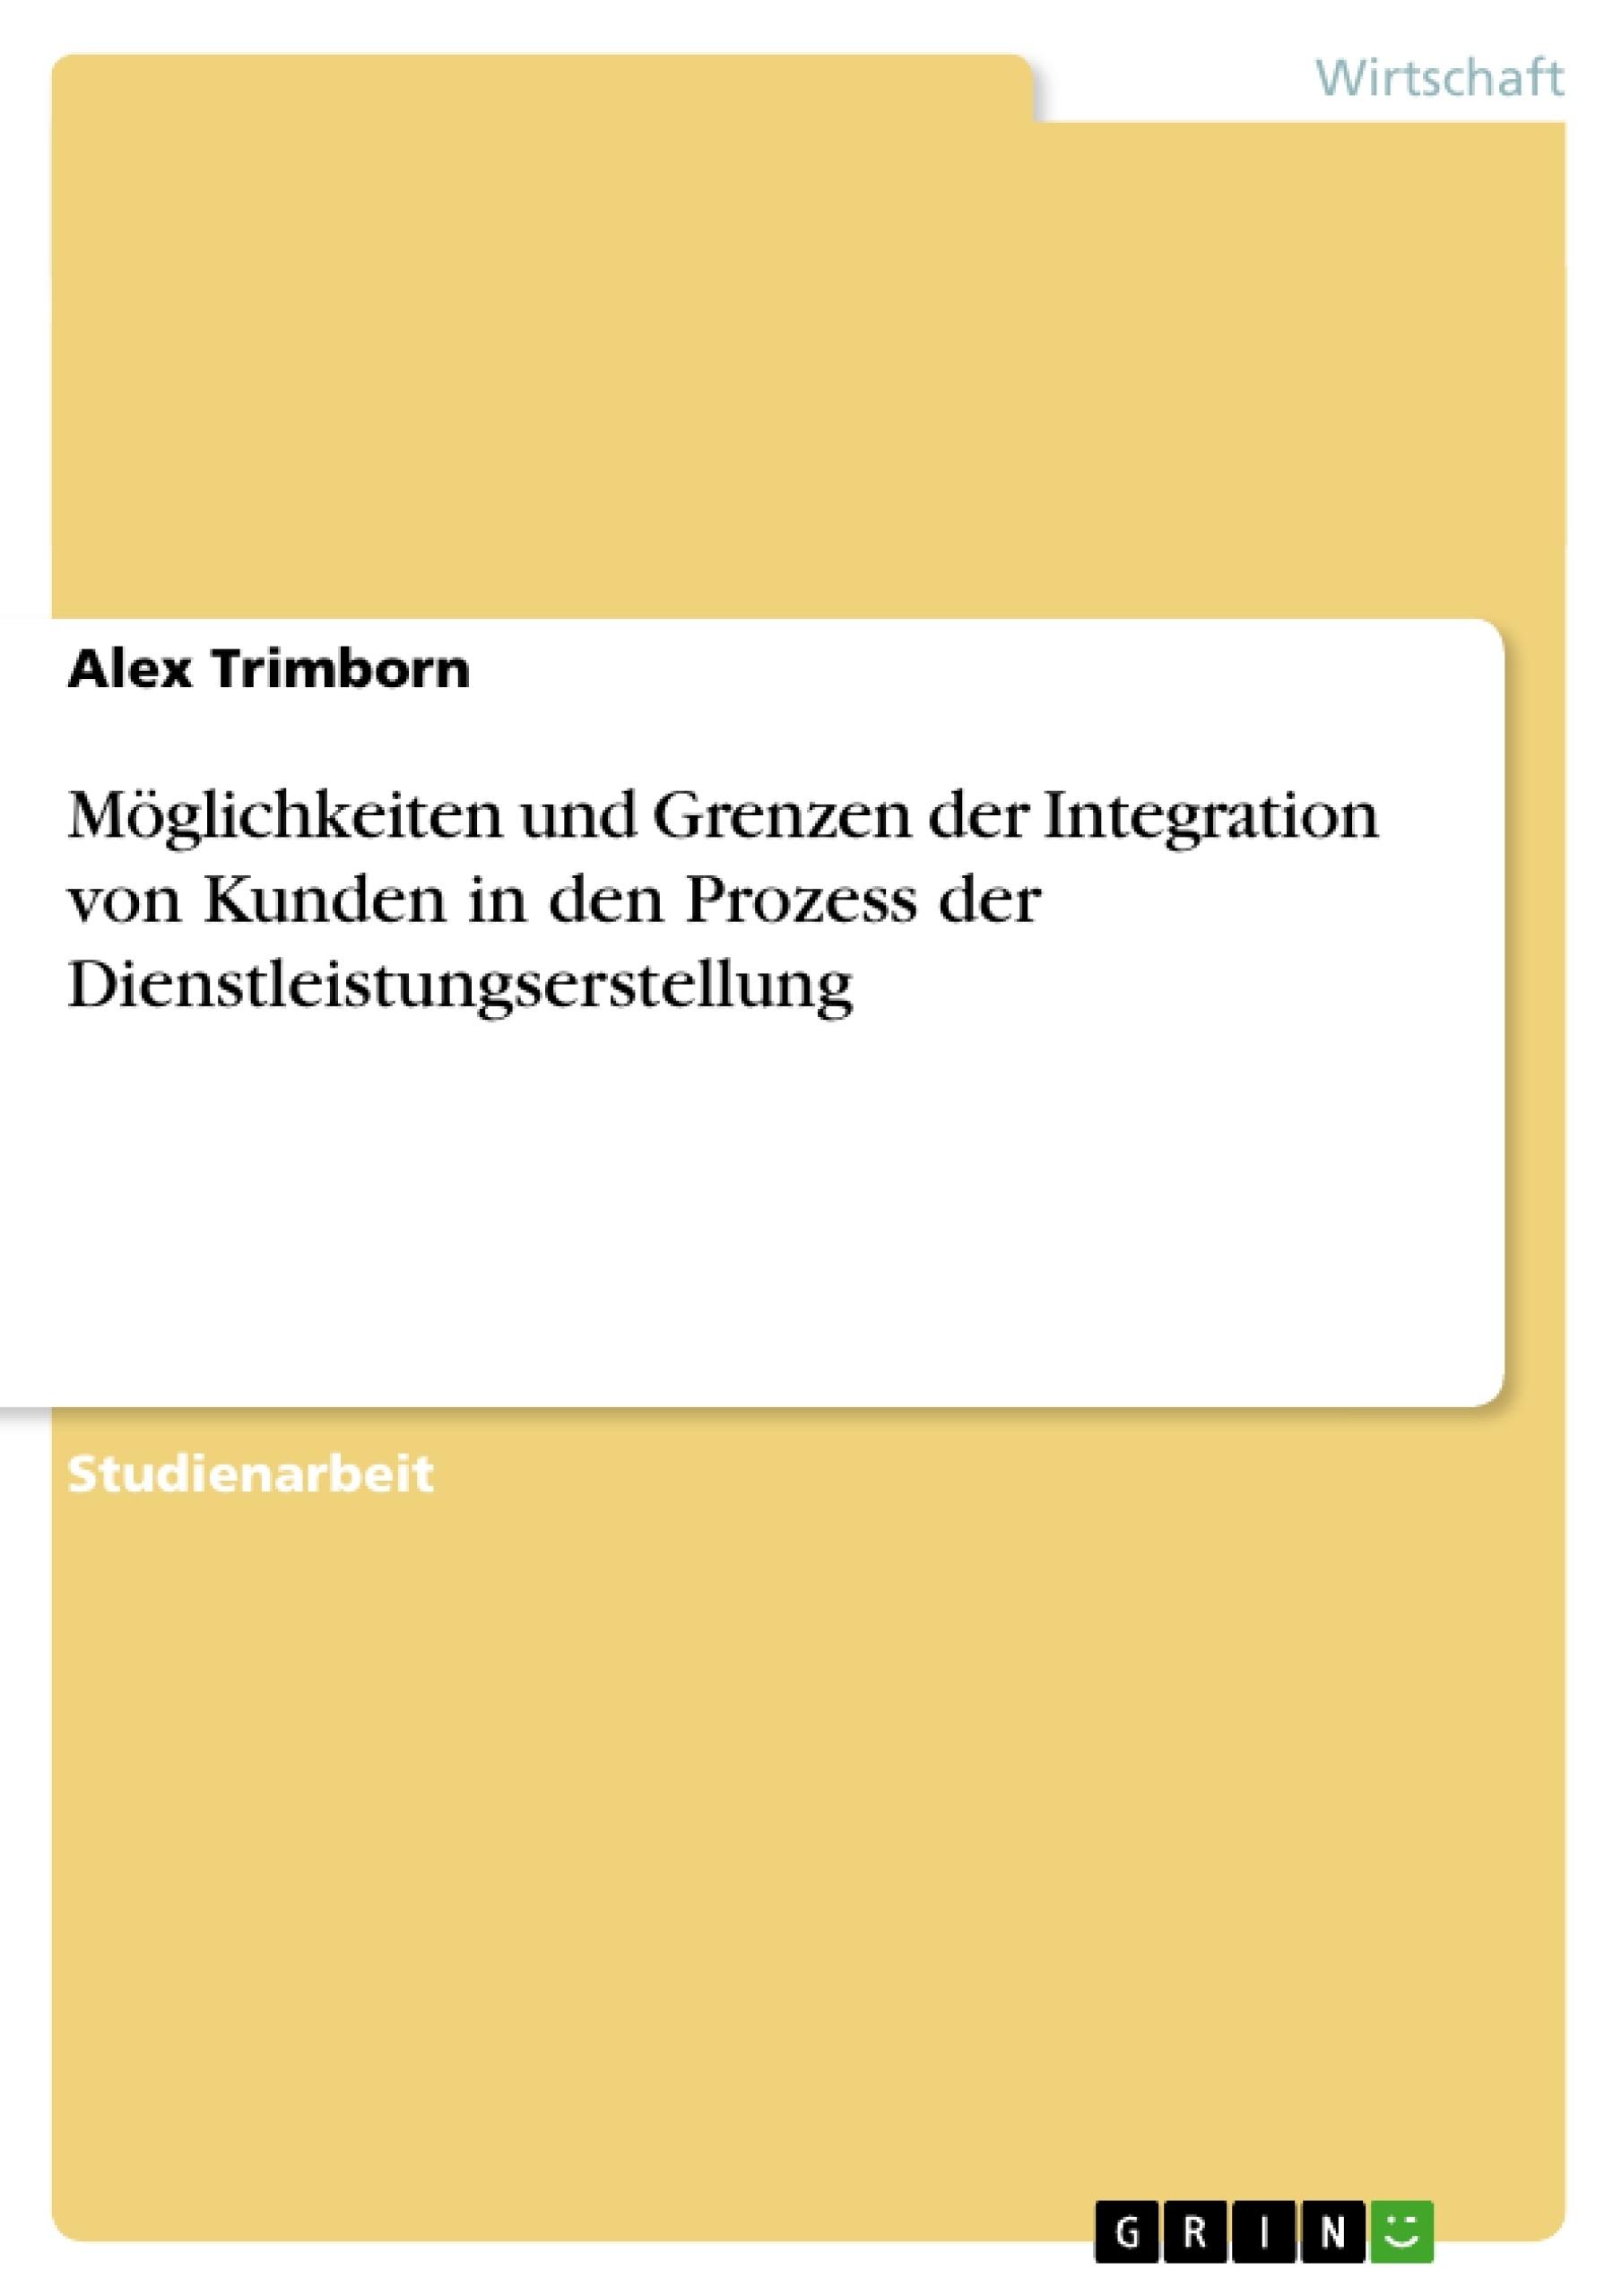 Titel: Möglichkeiten und Grenzen der Integration von Kunden in den Prozess der Dienstleistungserstellung